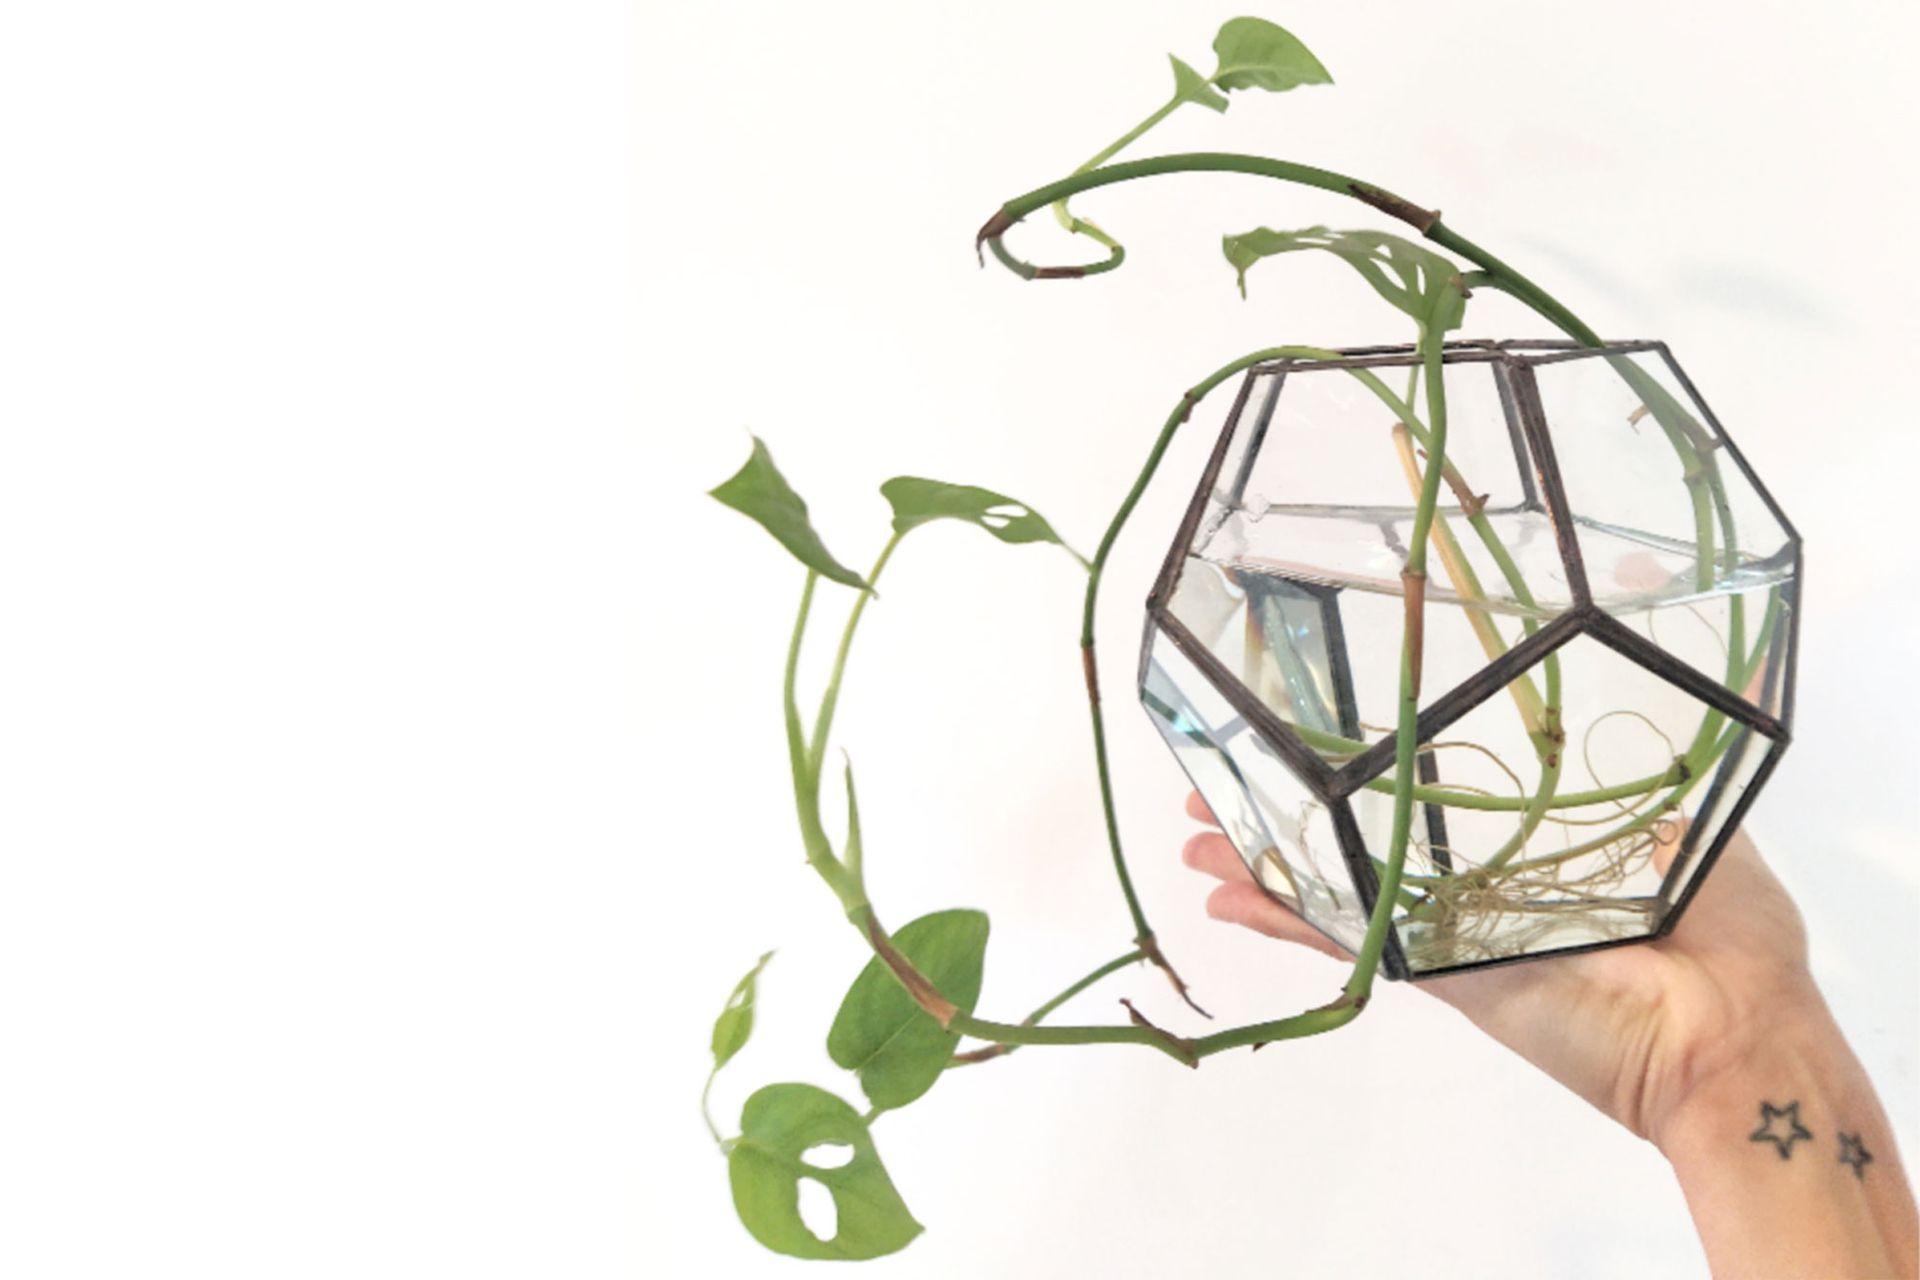 Con vidrios unidos por finas láminas de cobre soldadas entre si, Xoana Verón, docente, comenzó con este proyecto hace 9 meses, en plena cuarentena, y hoy vende sus productos a distintos viveros al por mayor y menor. Los precios varían entre $ 1900 y $ 2300. IG: @serendipia_terrarios